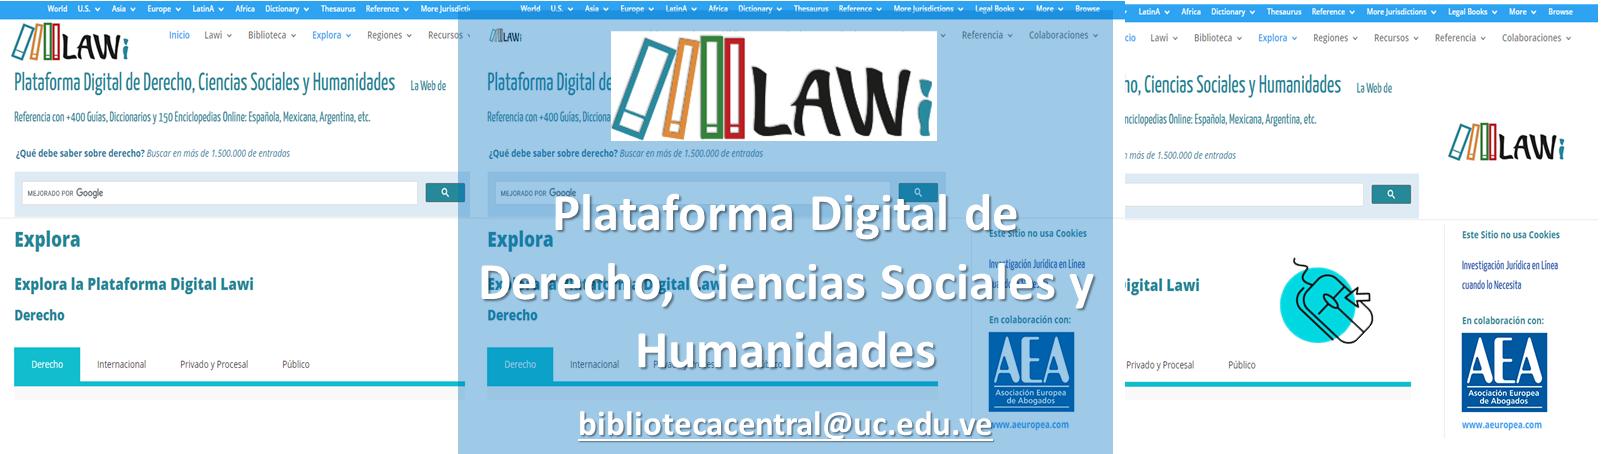 Lawi: Plataforma Digital de Derecho, Ciencias Sociales y Humanidades